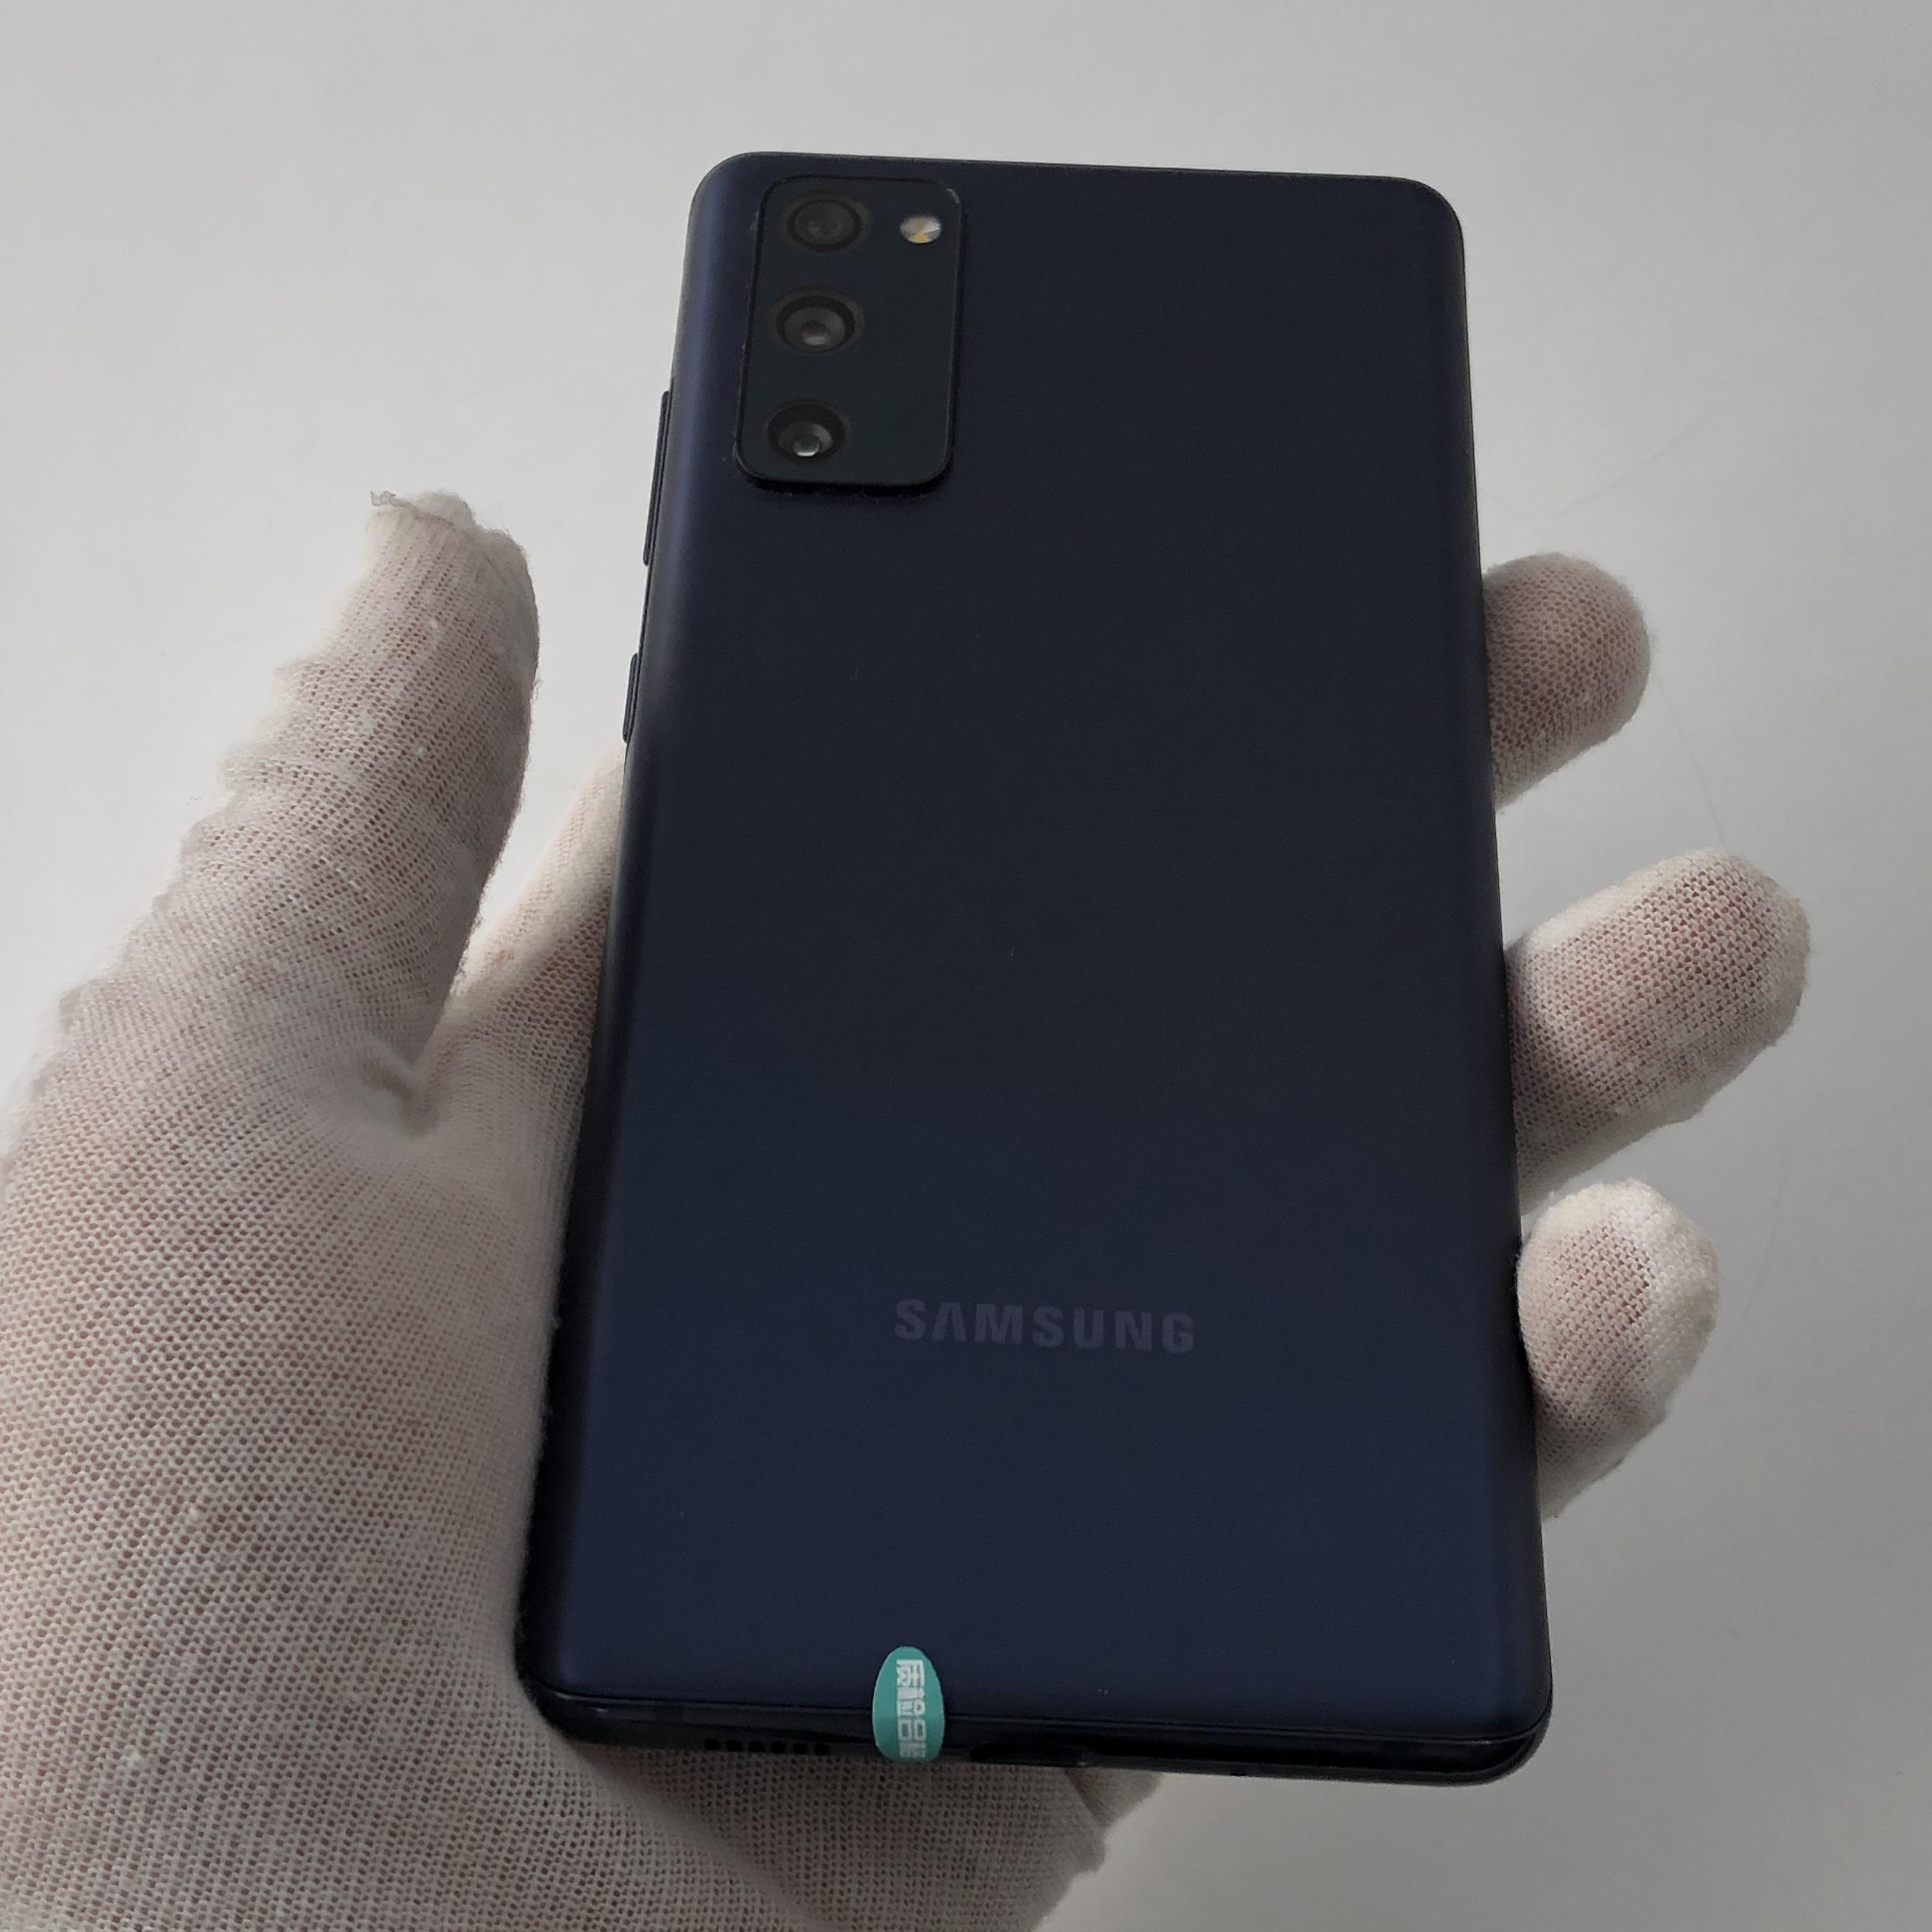 三星【Galaxy S20 FE 5G】5G全网通 异想蓝 8G/256G 国行 95新